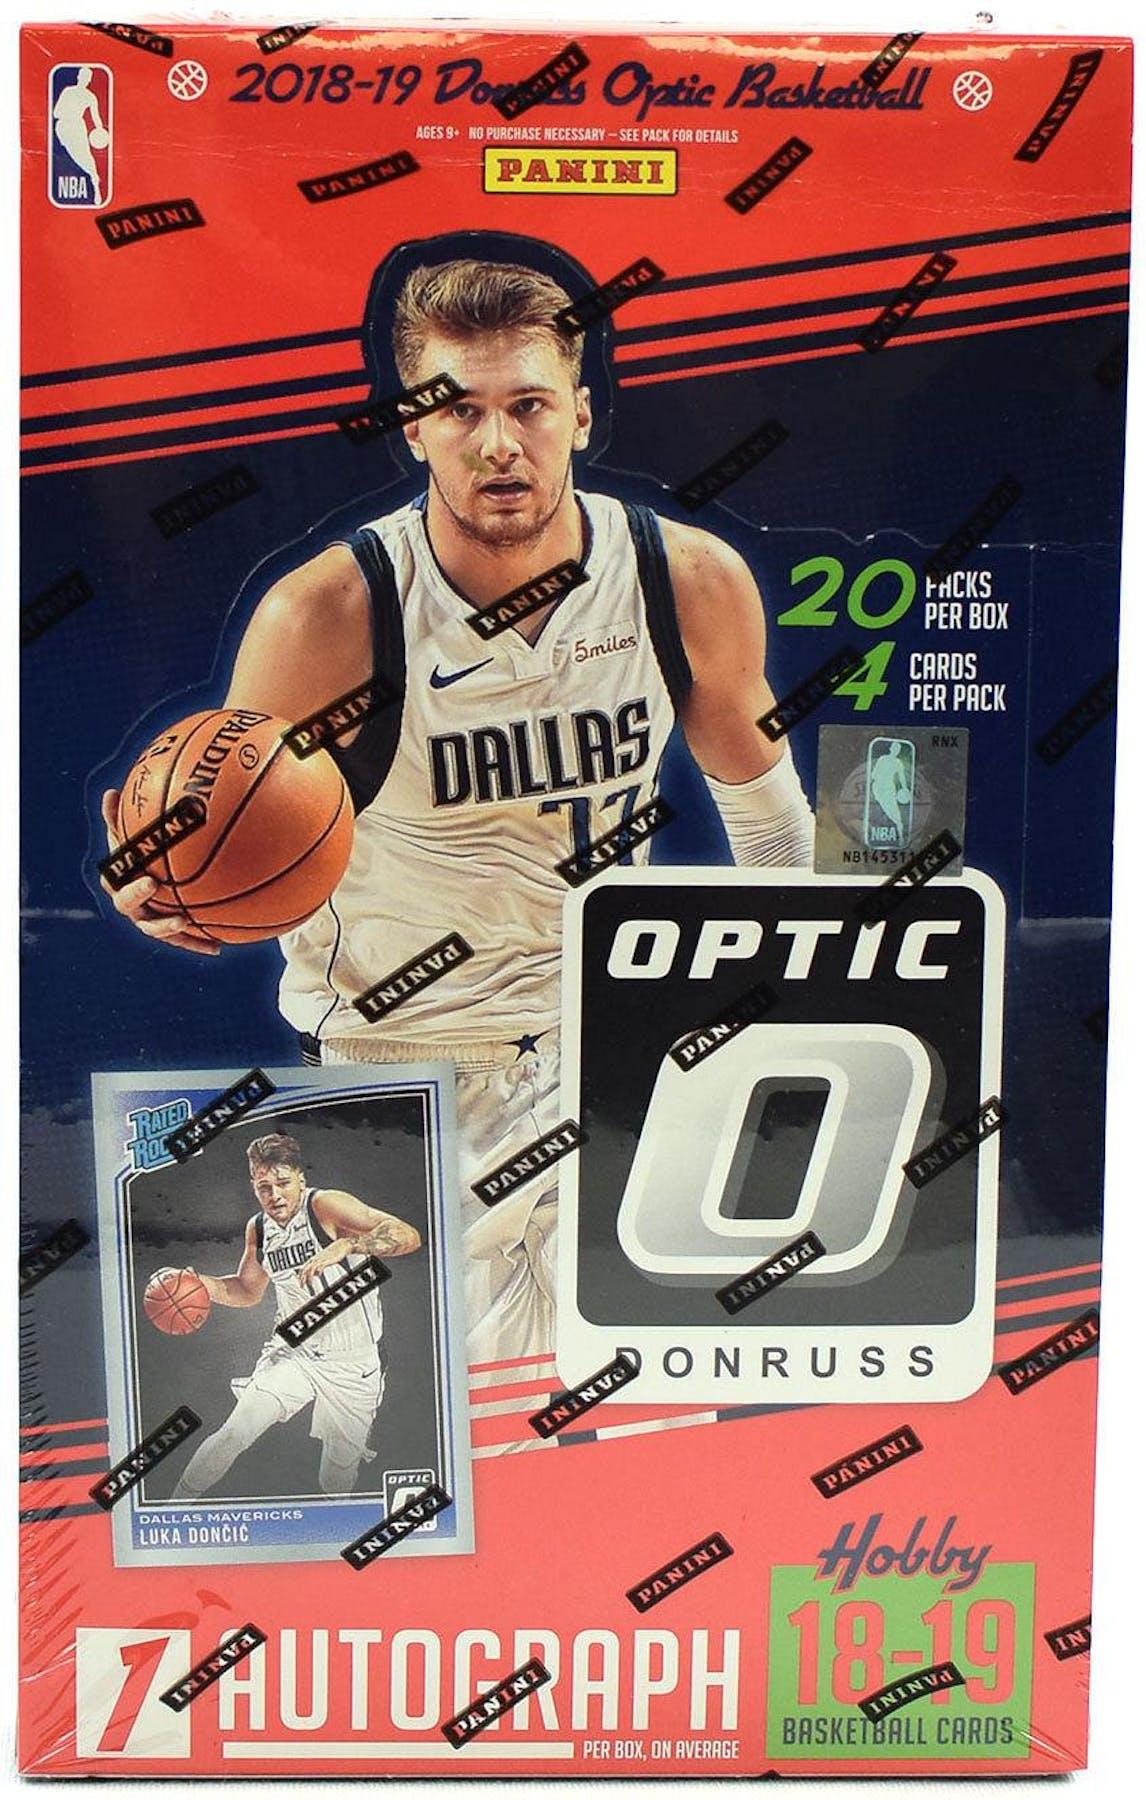 201819 Panini Donruss Optic Basketball Hobby Box Da Card World